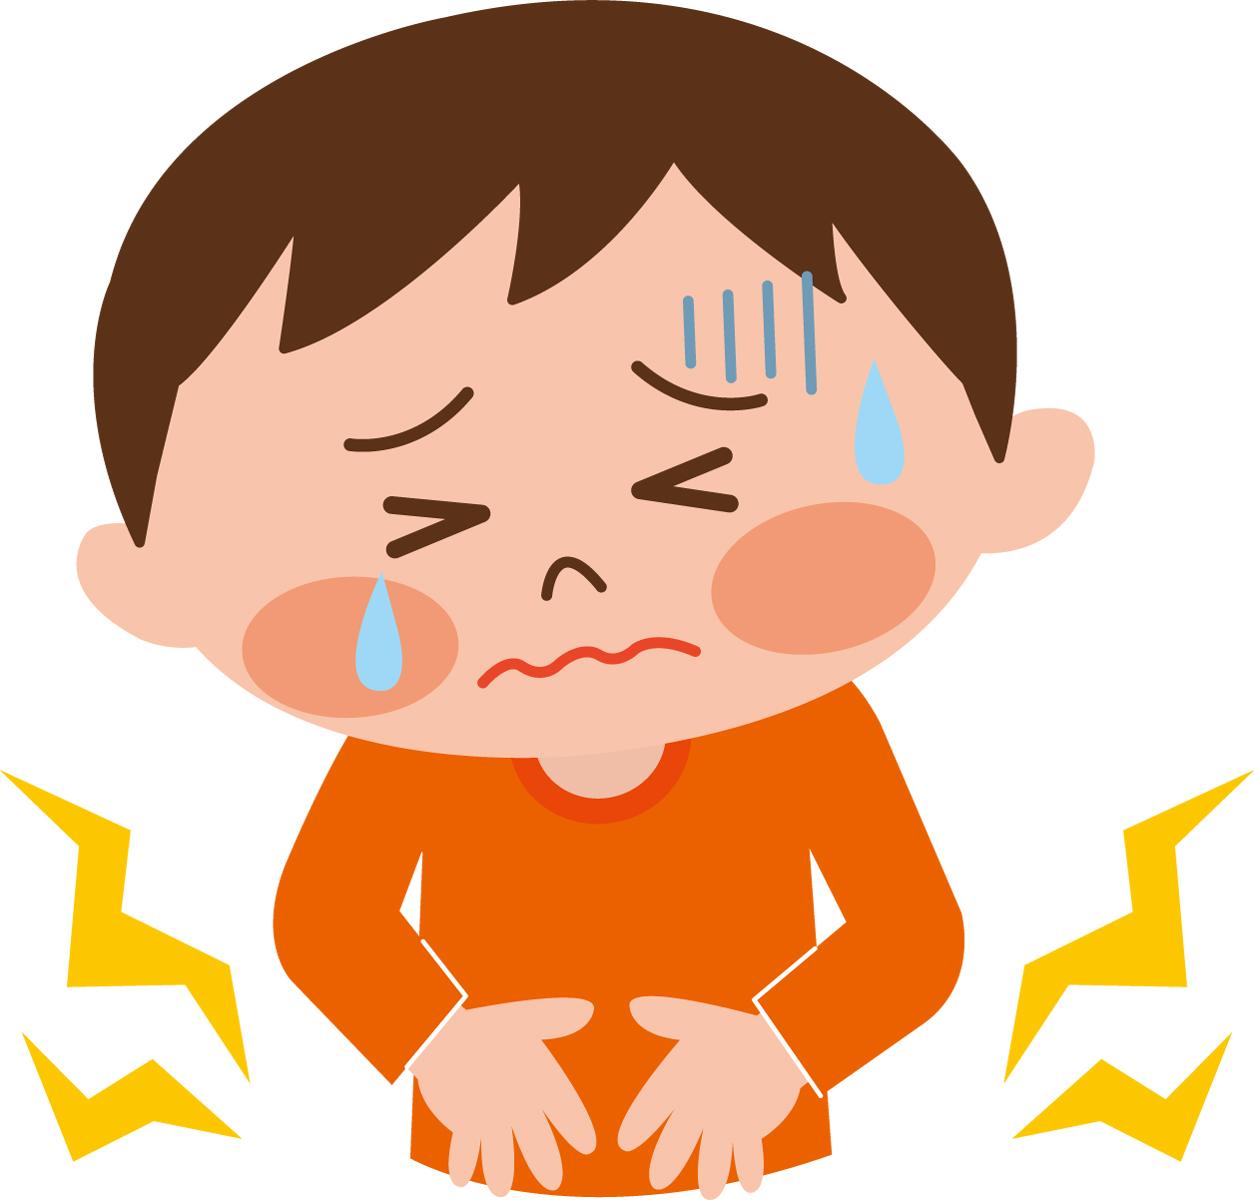 息子の発達障害が分かったきっかけは腹痛とチック